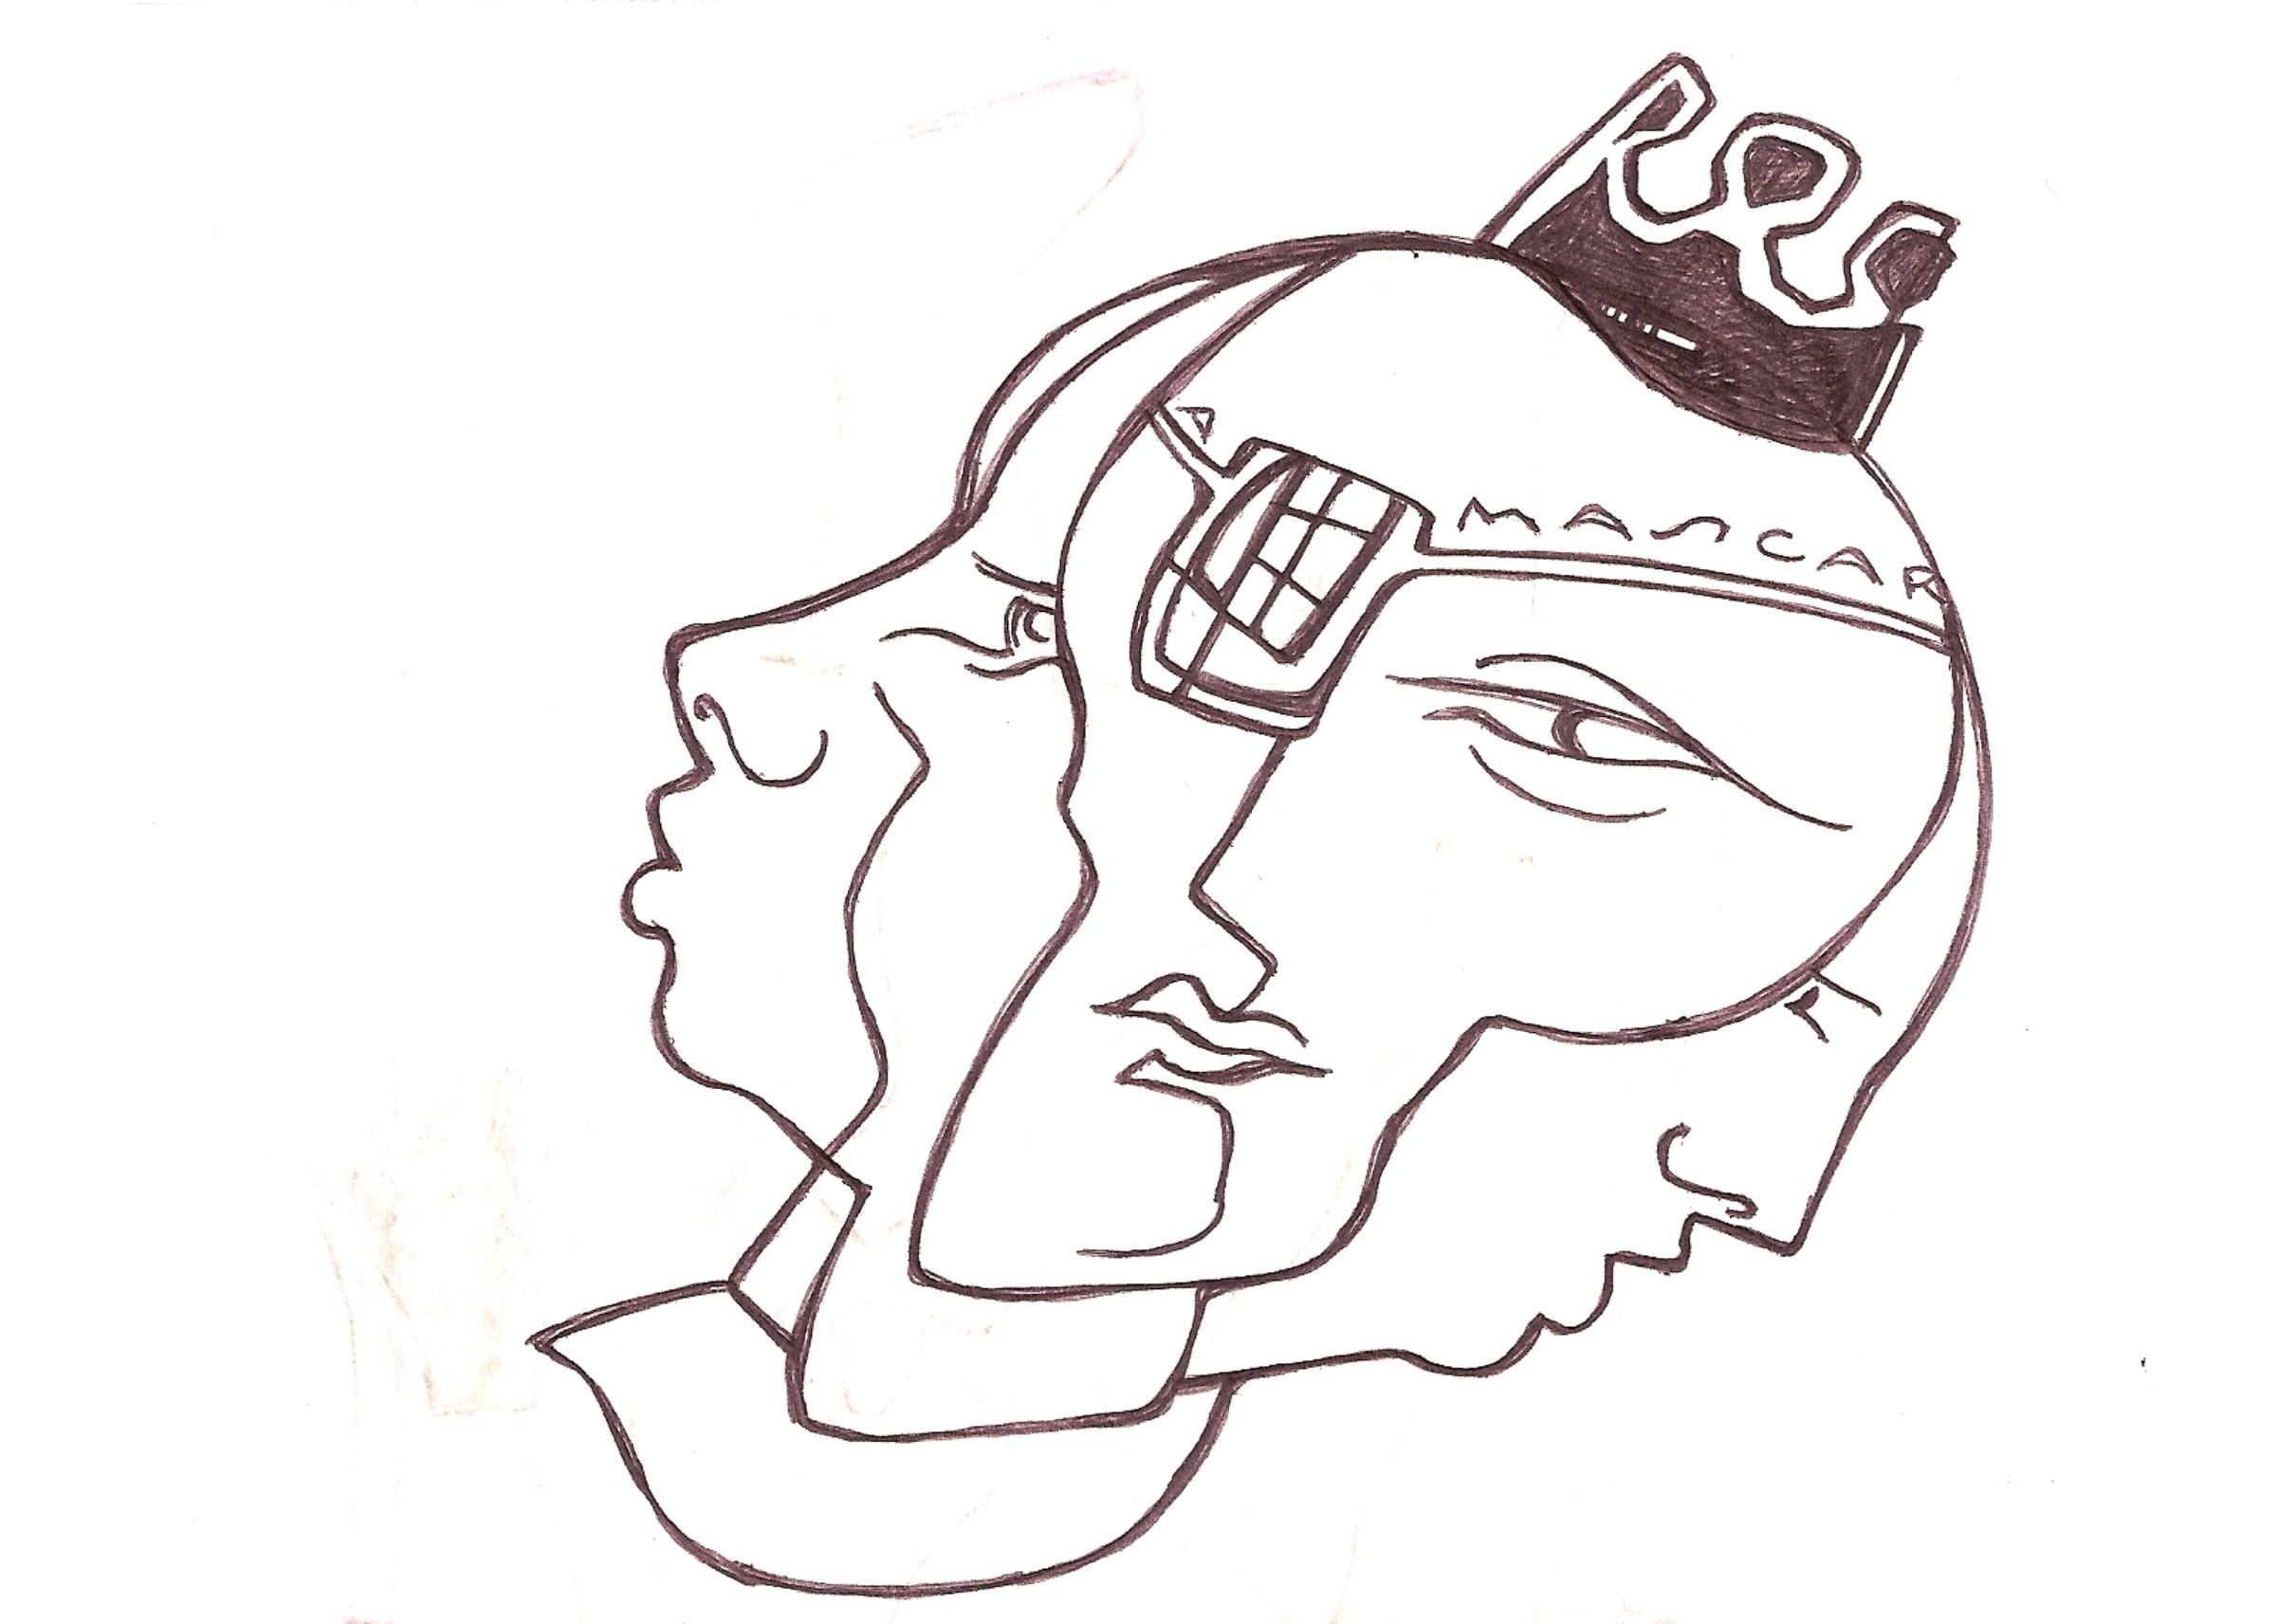 Ladislau da Regueira | As'stâncias em Mosty 08 # Máscara | 2005